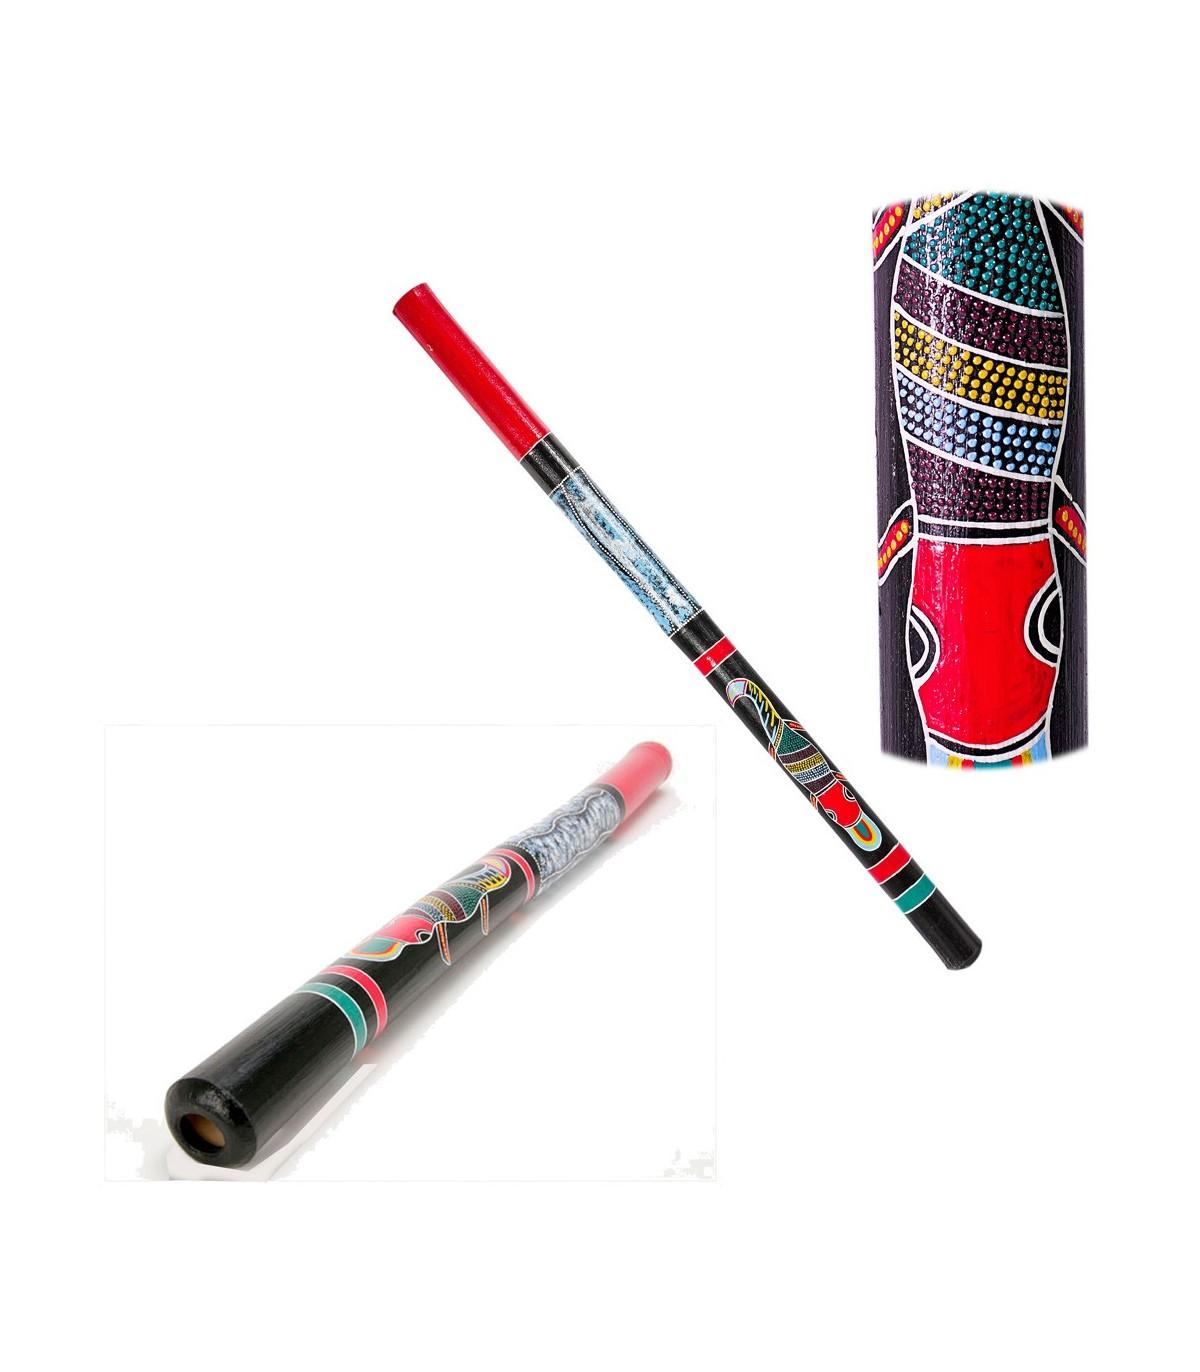 Didgeridoo legno - motivi etnici - dipinte a mano - 1m